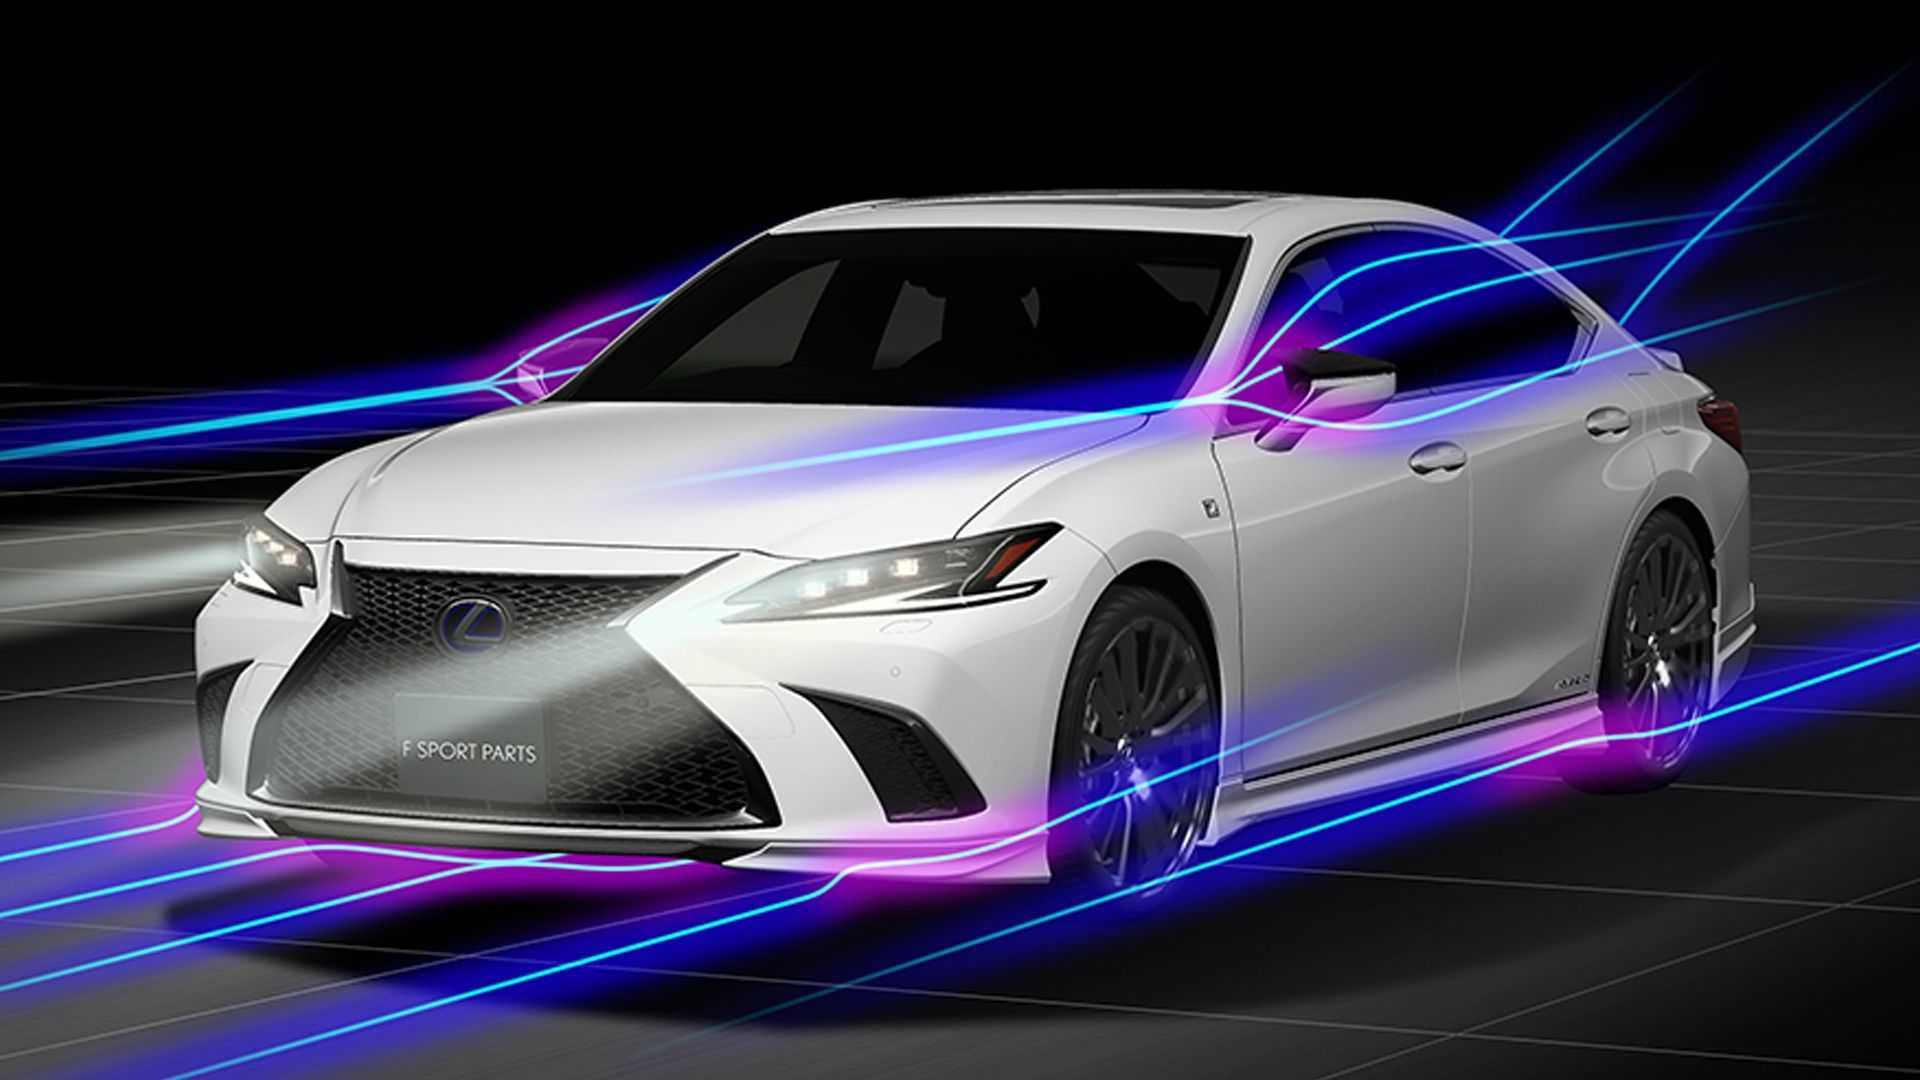 Lexus-ES-facelift-with-TRD-Parts-1